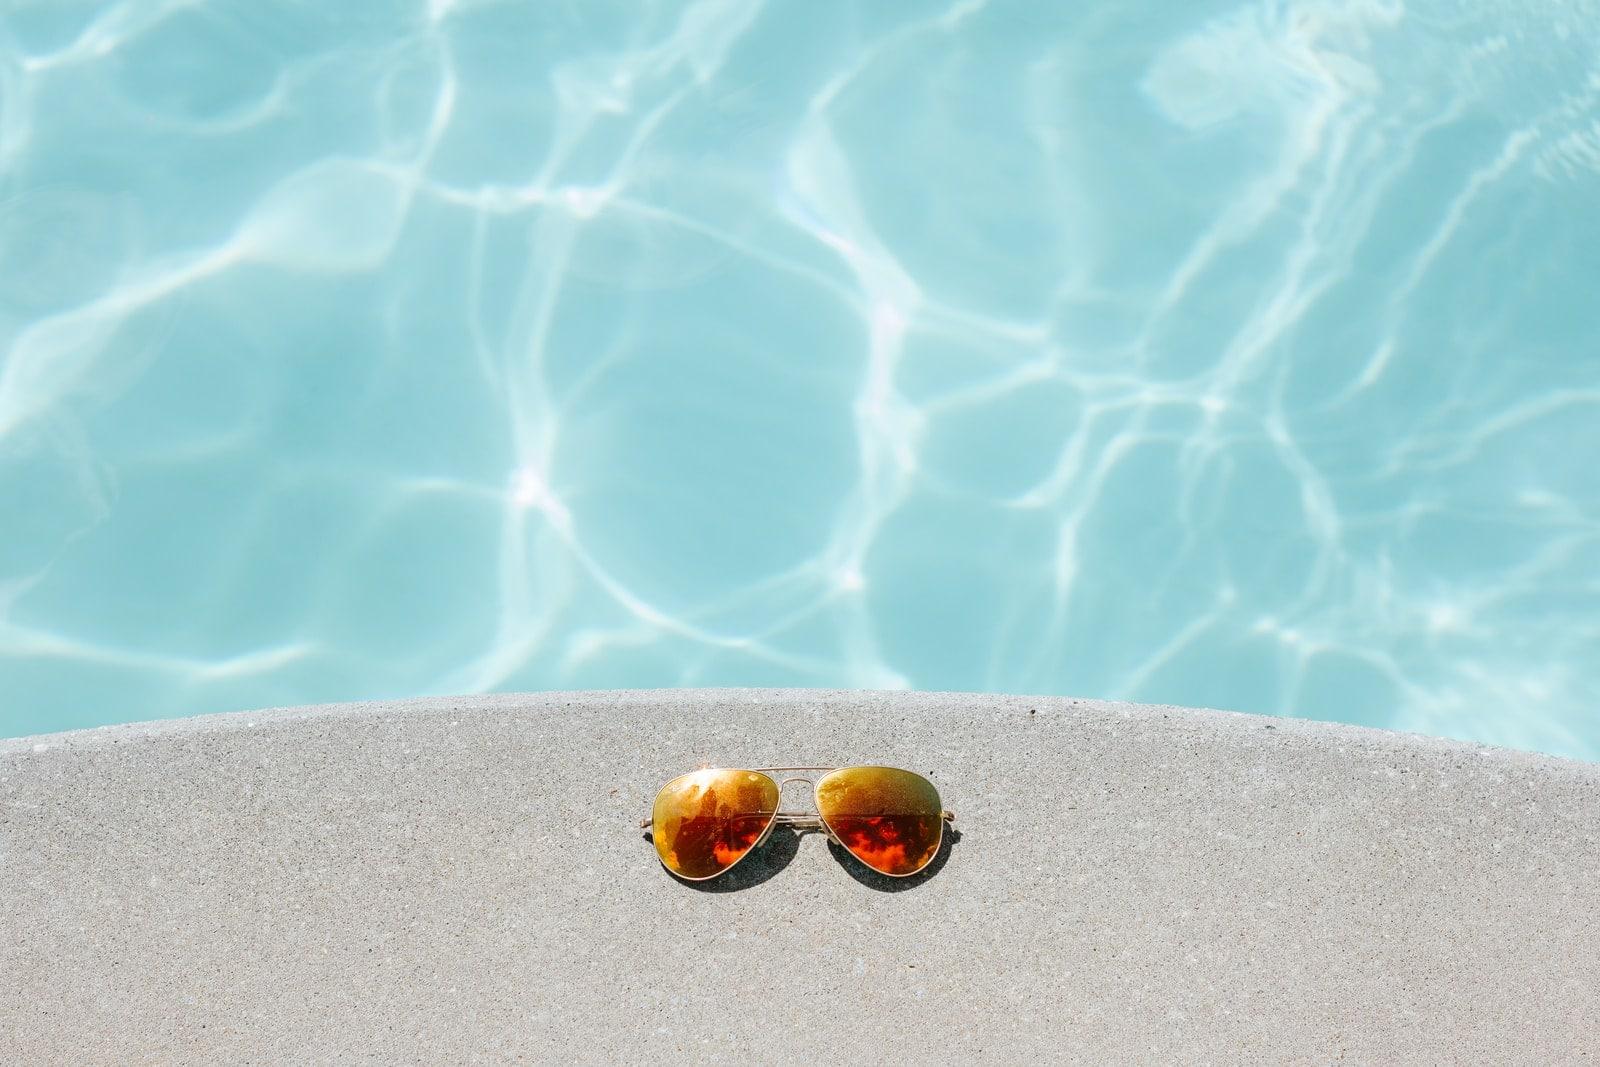 communique pendant l'été avec harmonia luxus